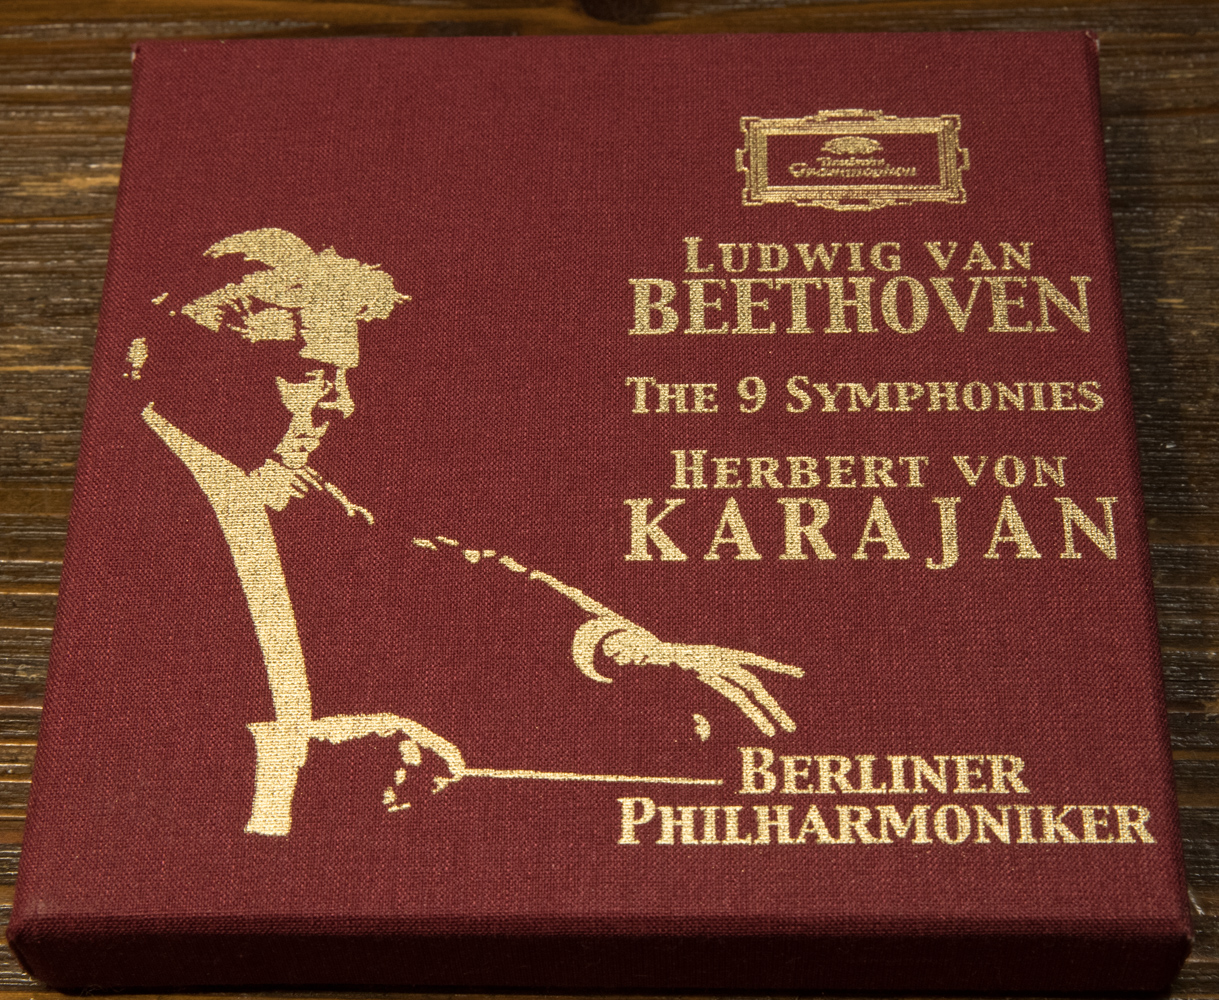 カラヤン/ベルリンフィルのベートーヴェン交響曲全集(1961年~62年録音)